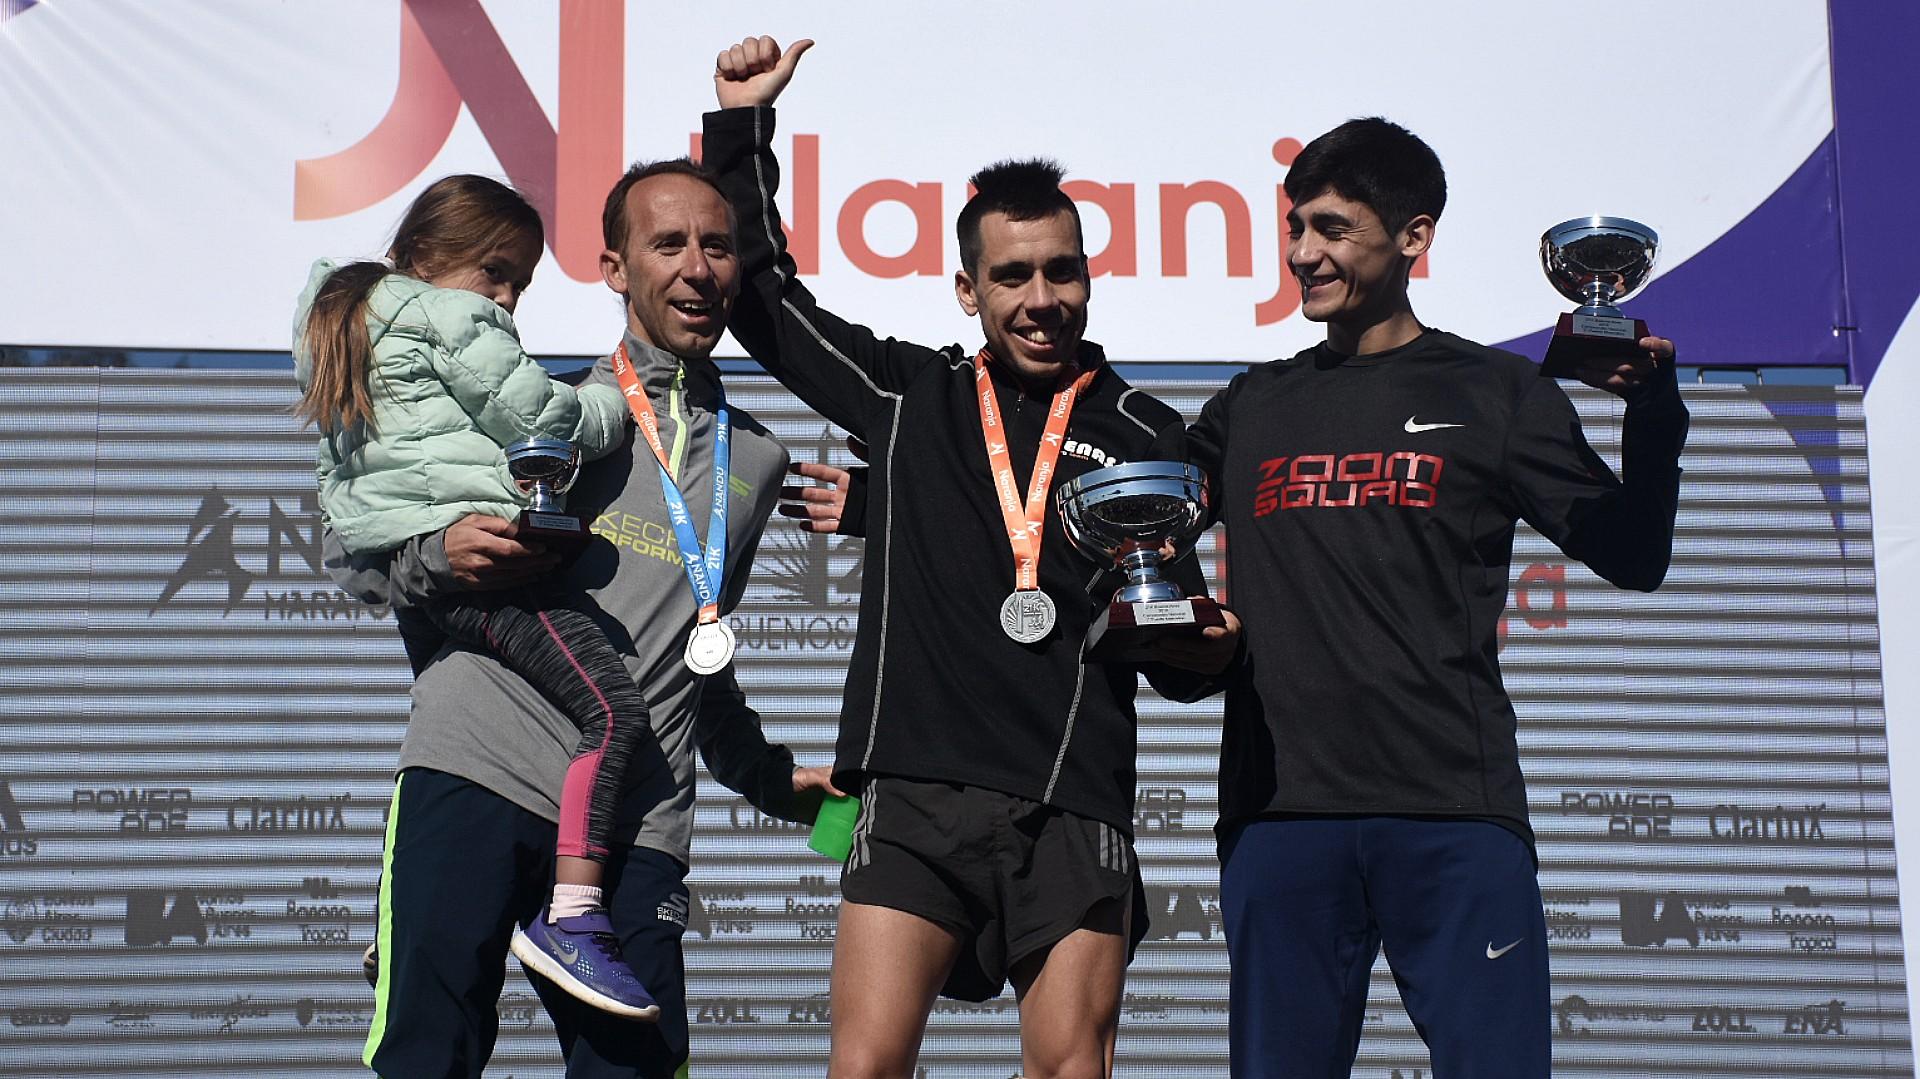 21K Buenos Aires 2018 resultados fotos Locos Por Correr 06